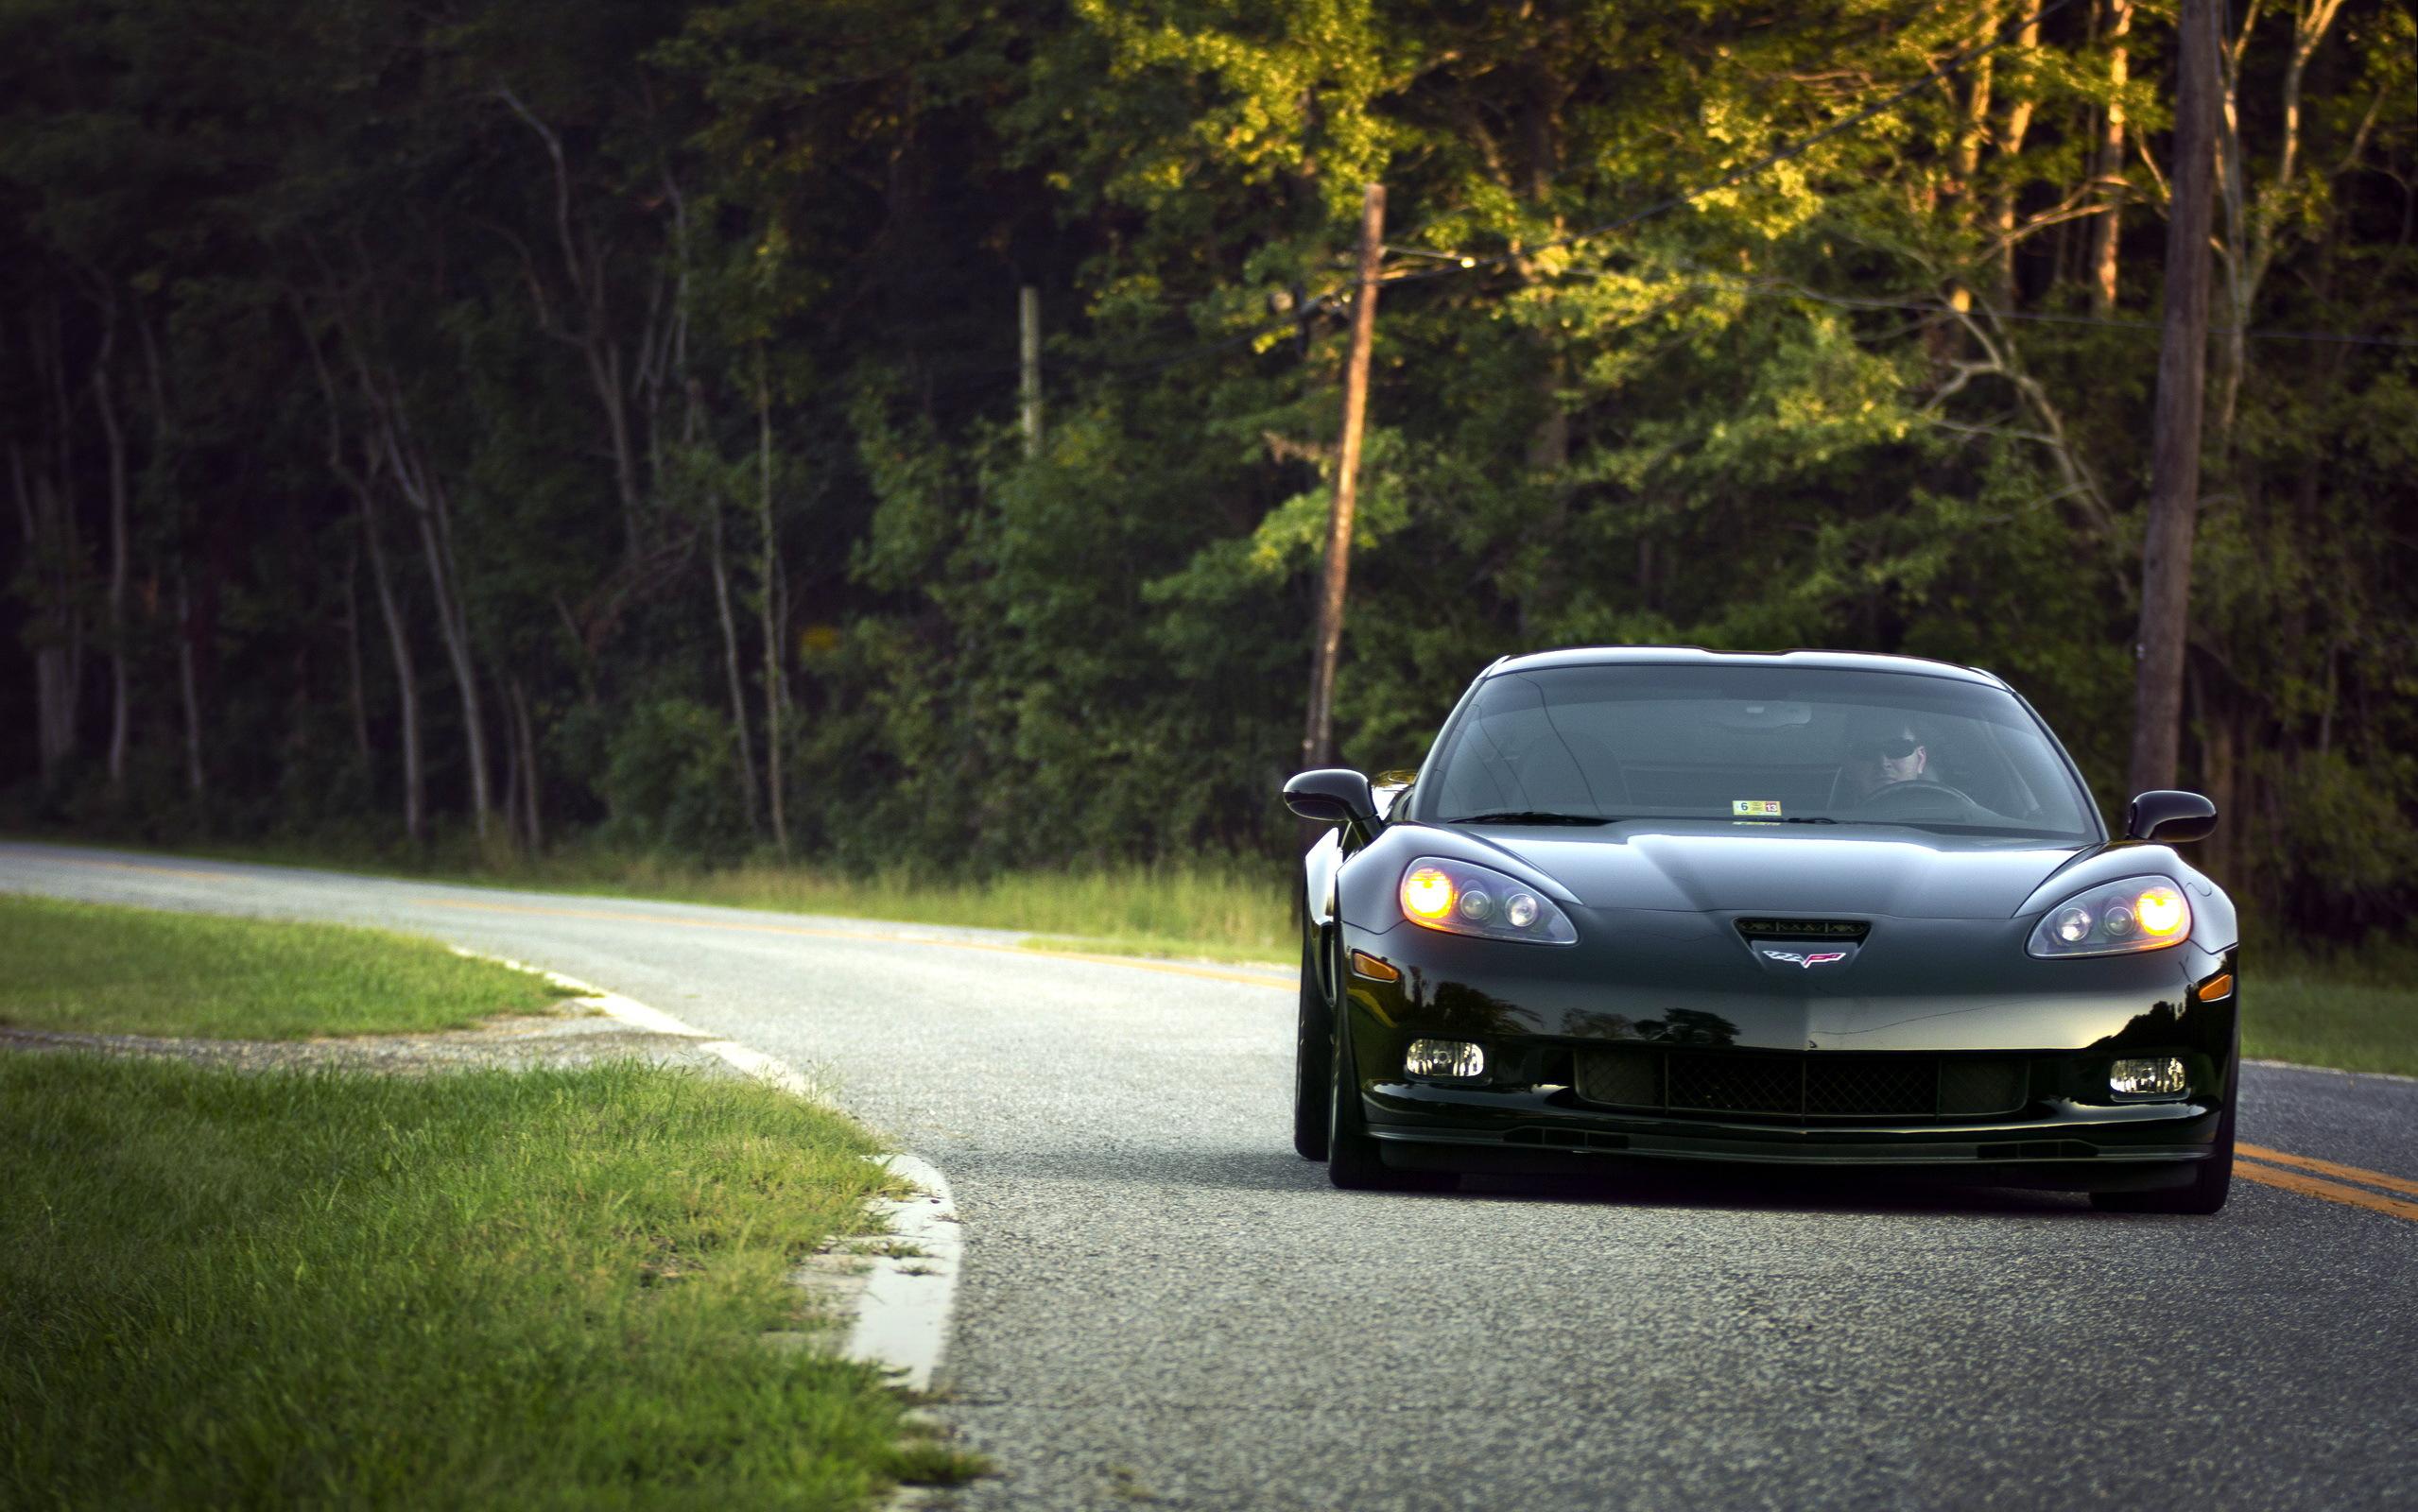 Chevrolet corvette c6 hd wallpaper background image 2558x1600 id 523918 wallpaper abyss - Corvette c6 wallpaper ...